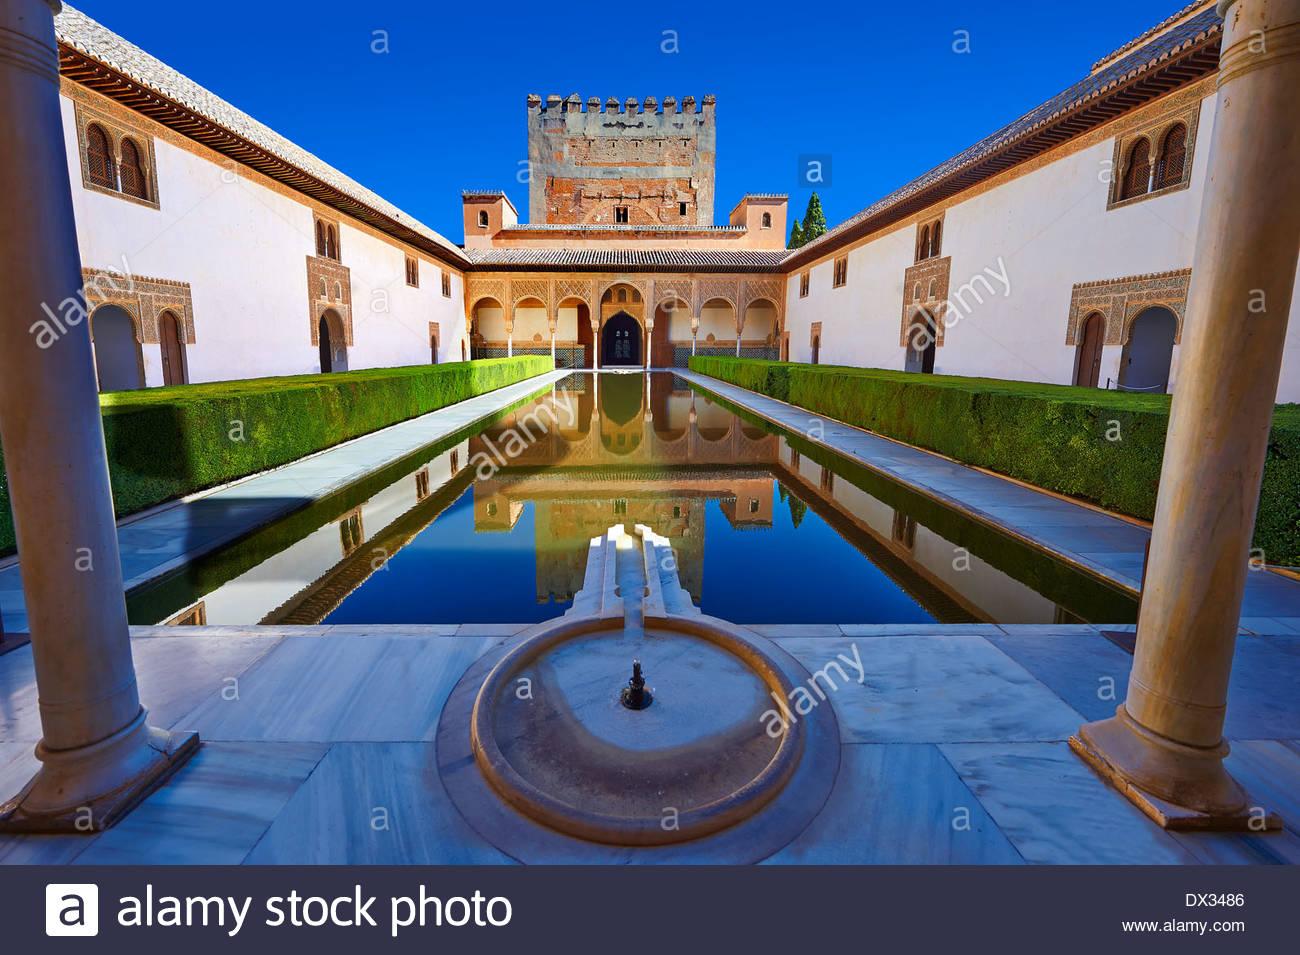 Arabesco arquitectura morisca y el estanque de la Corte de los mirtos de los Palacios Nazaries, Alhambra. Granada, Imagen De Stock